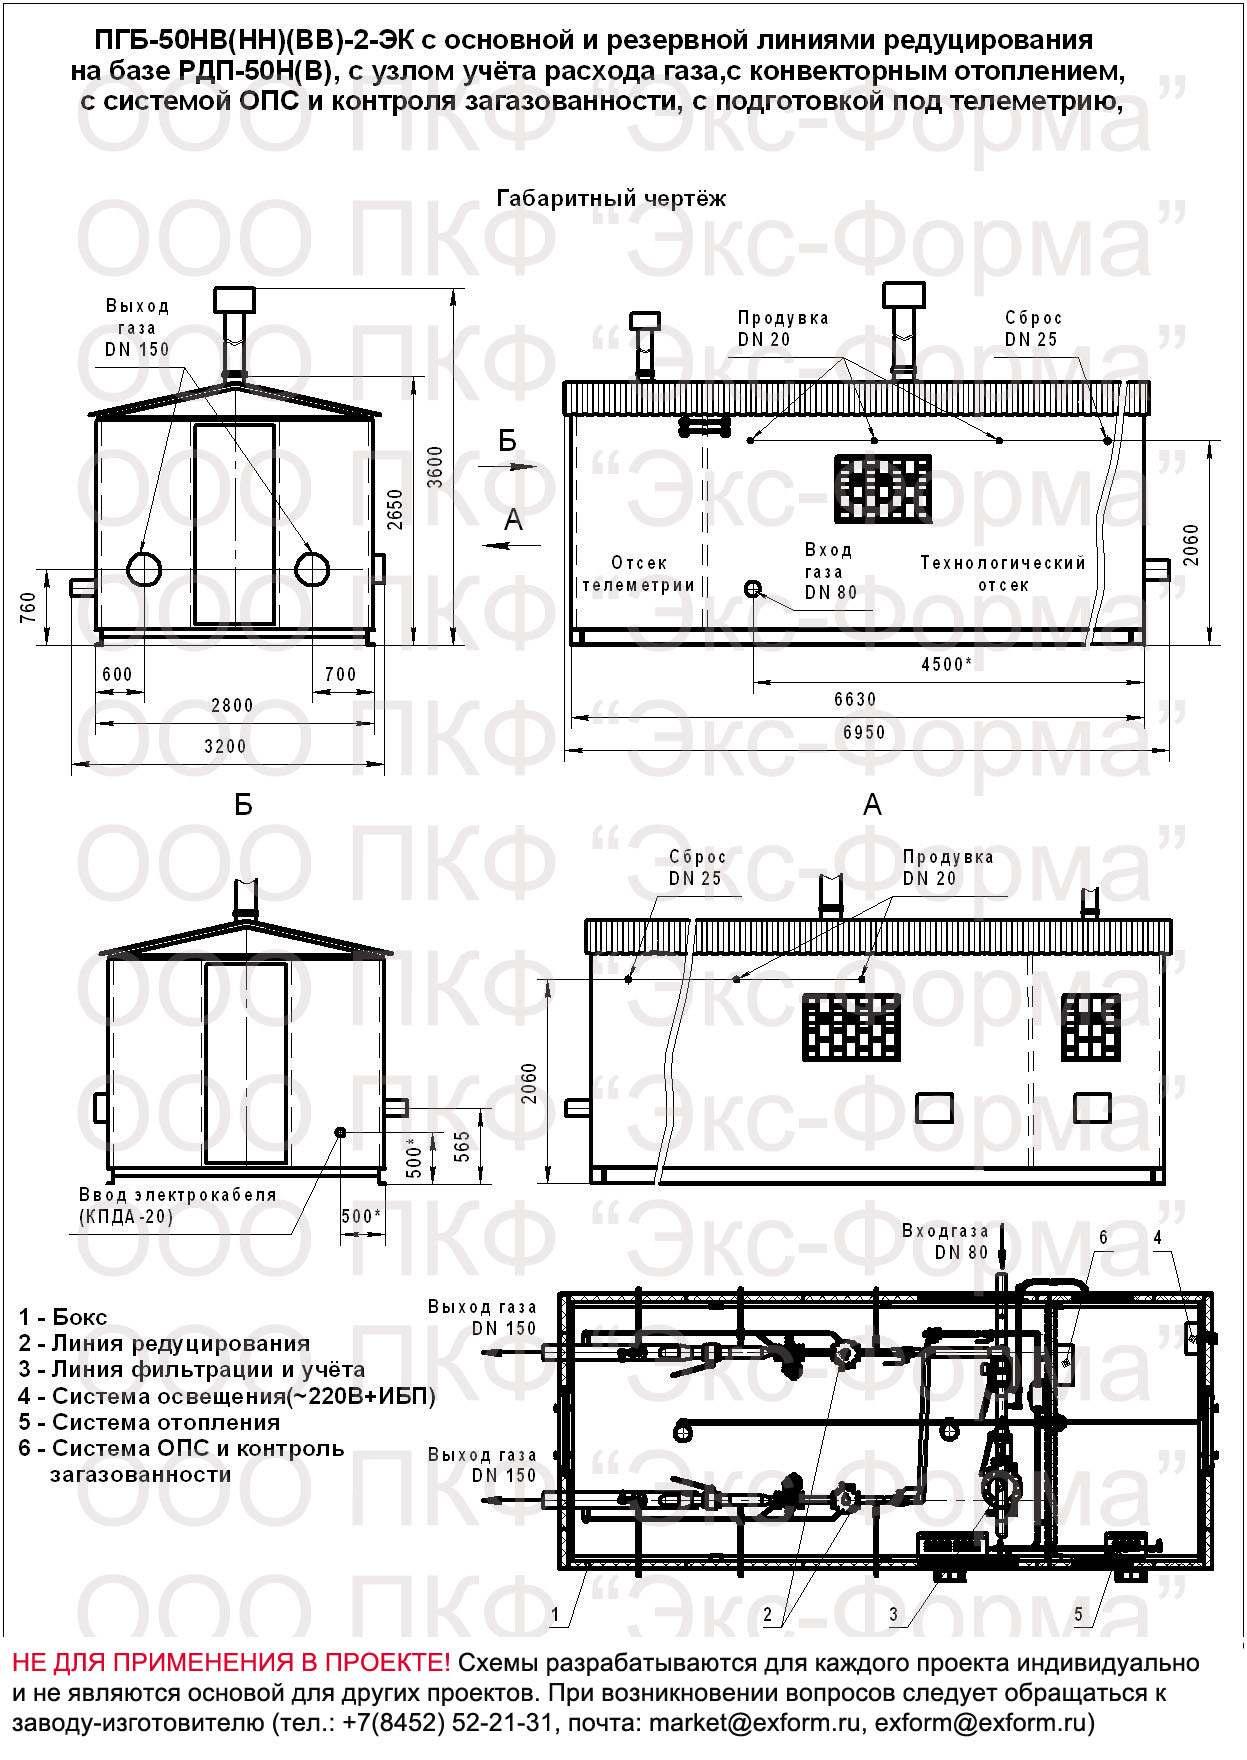 габаритная схема ПГБ-50НВ-2-ЭК